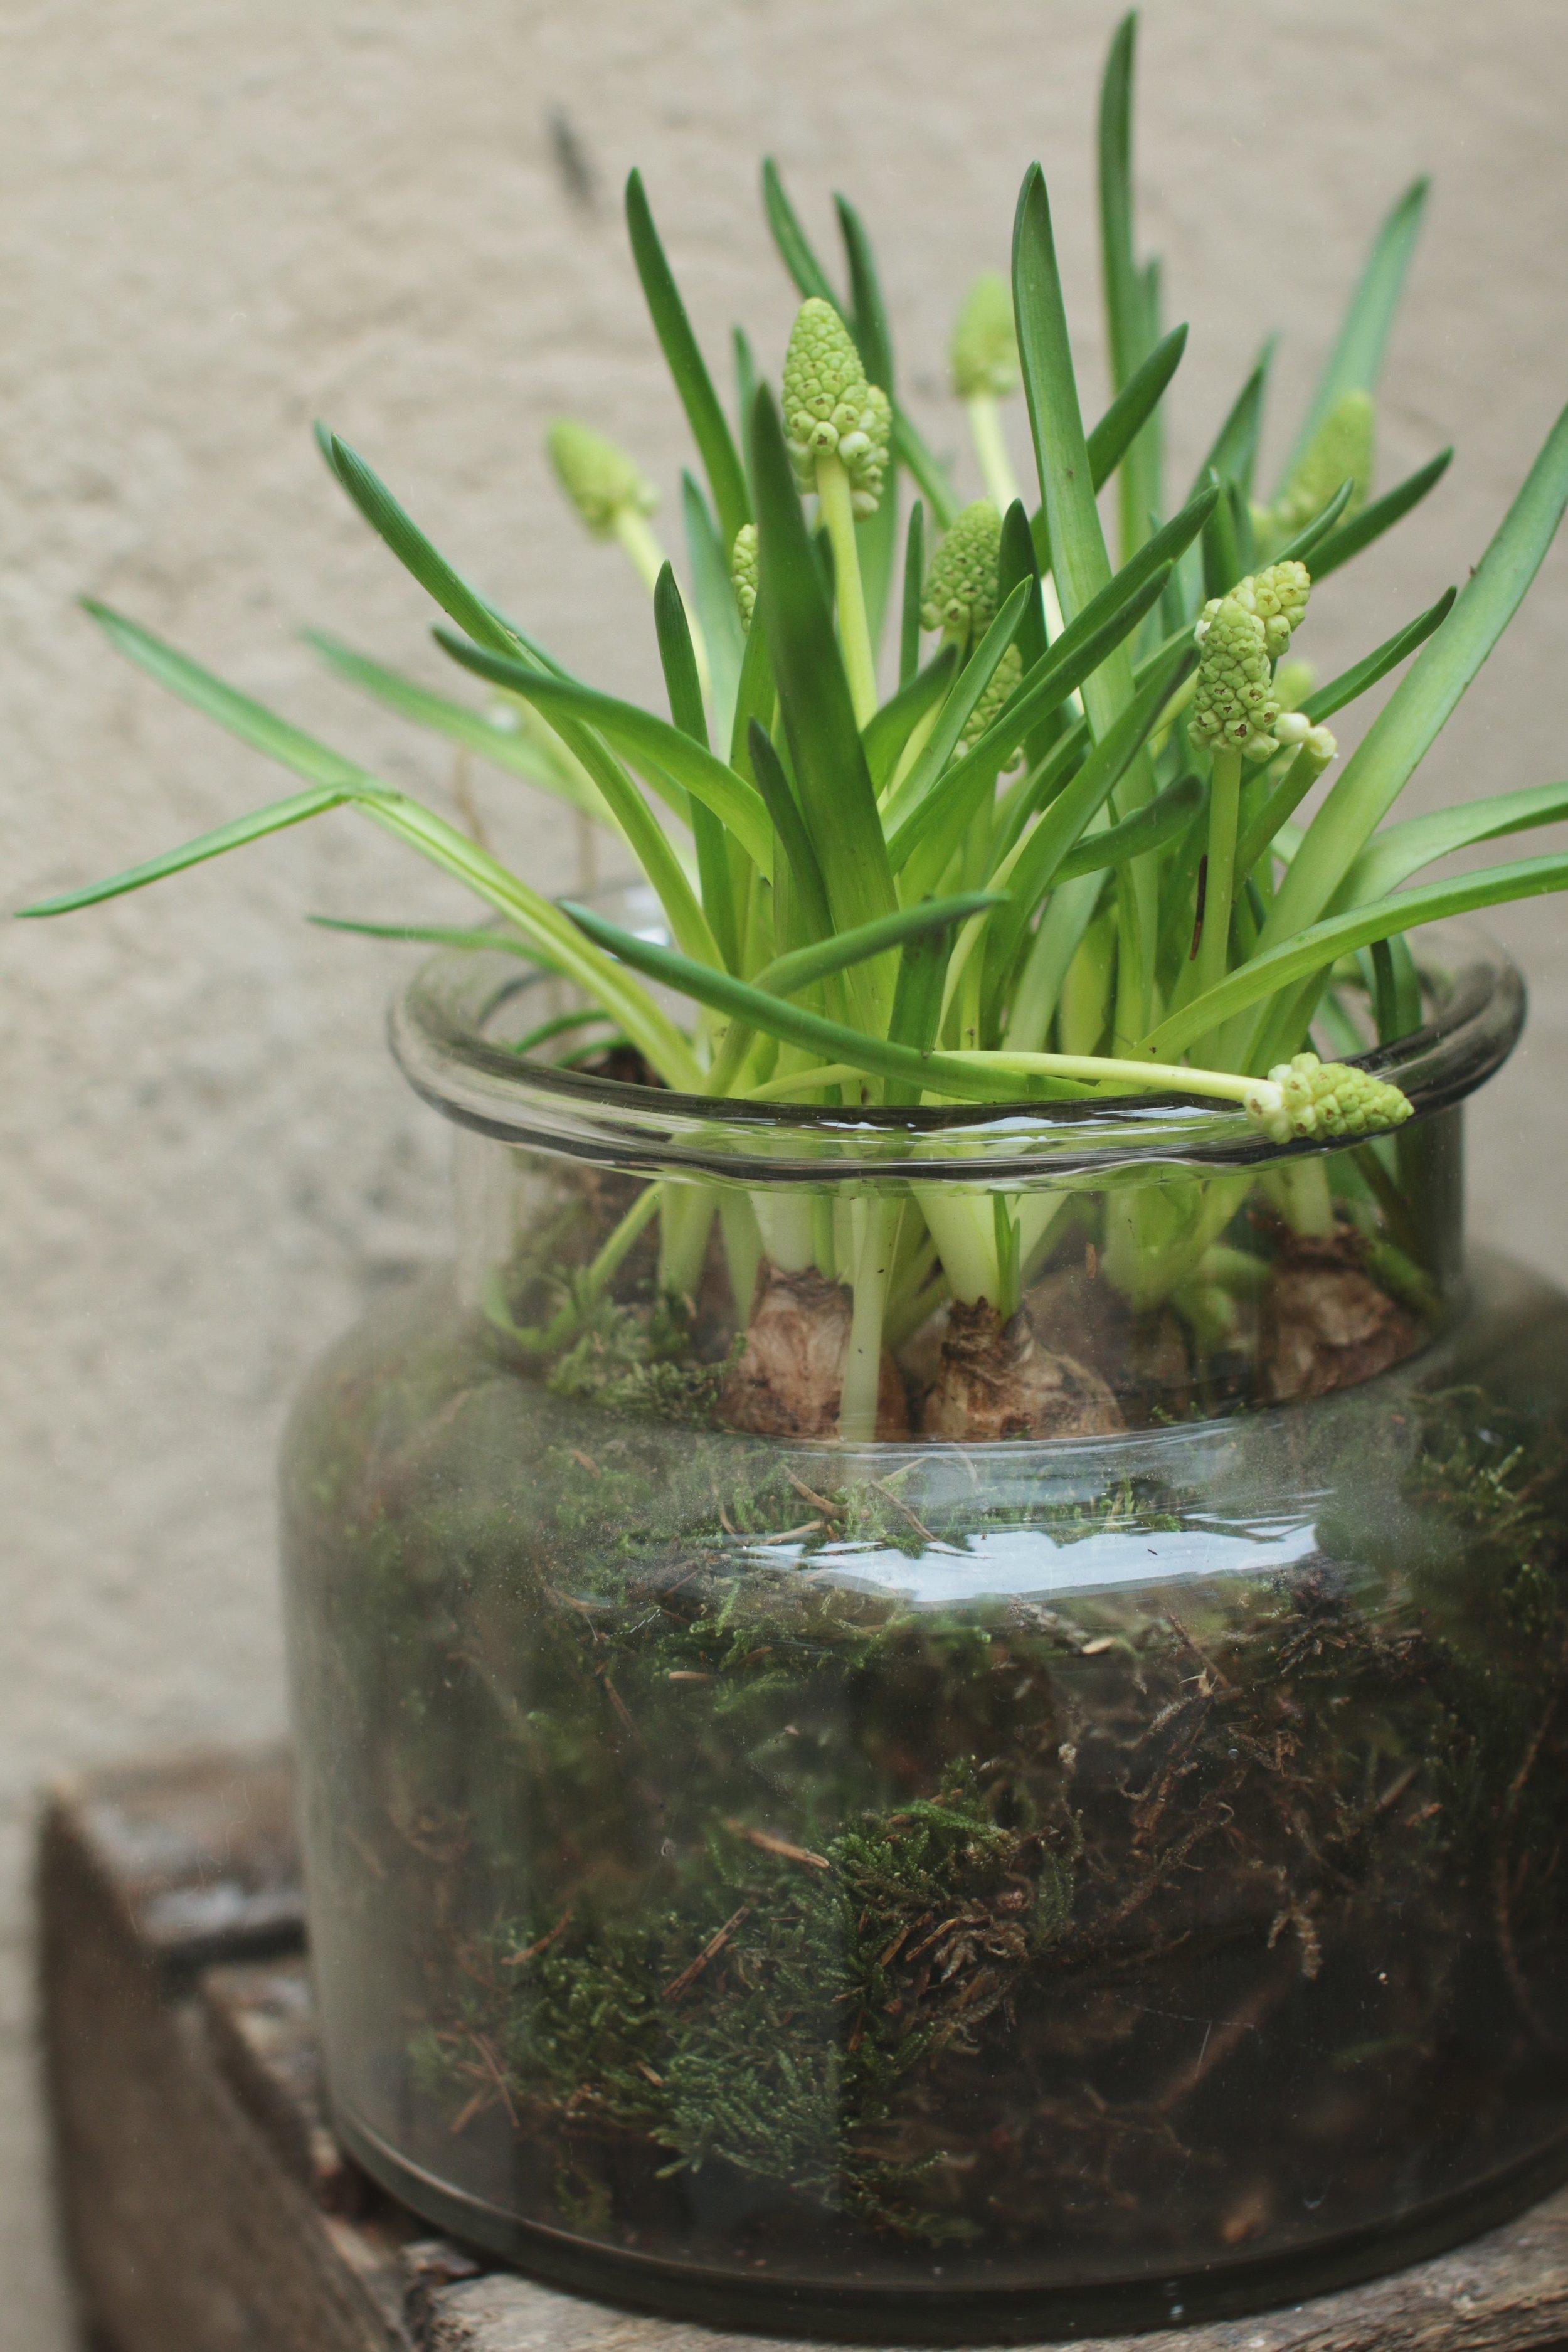 Sipulikukat ovat klassisimmillaan lasiastiaan istutettuna, jolloin niiden ihanat sipulit pilkottavat sammaleen seasta. Lasiin istutettuna täytyy muistaa ettei niitä kastele liikaa, koska sammal ja lasi yhdessä pitävät kosteuden pidempään.